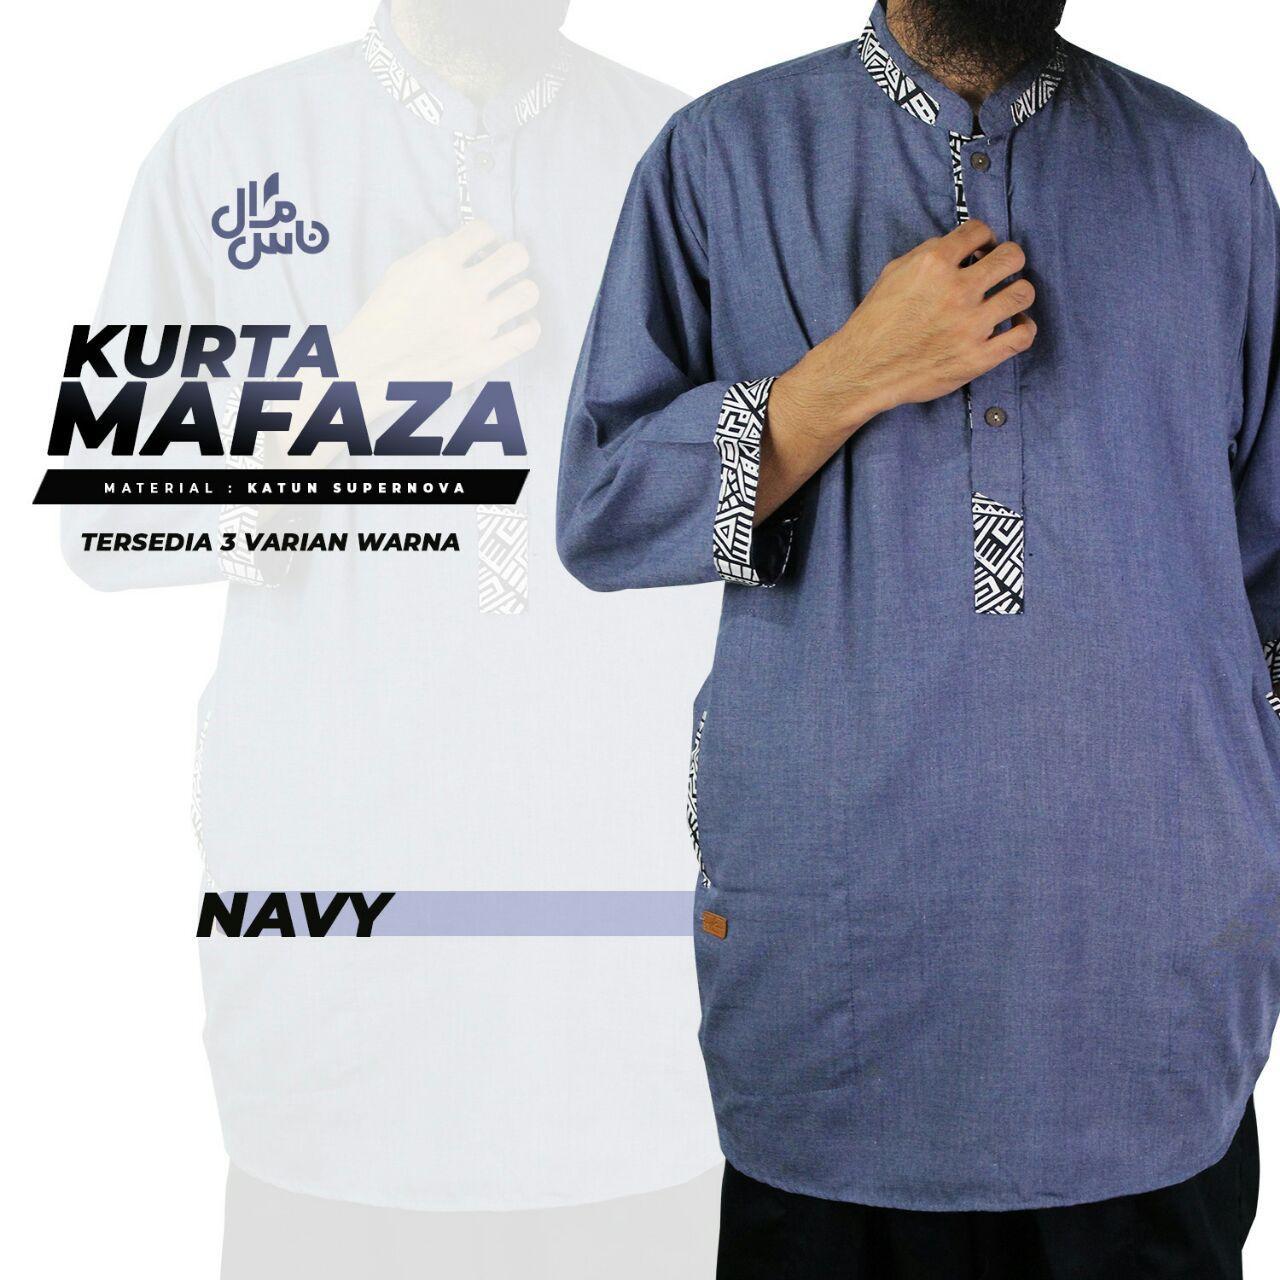 Kurta Mafaza